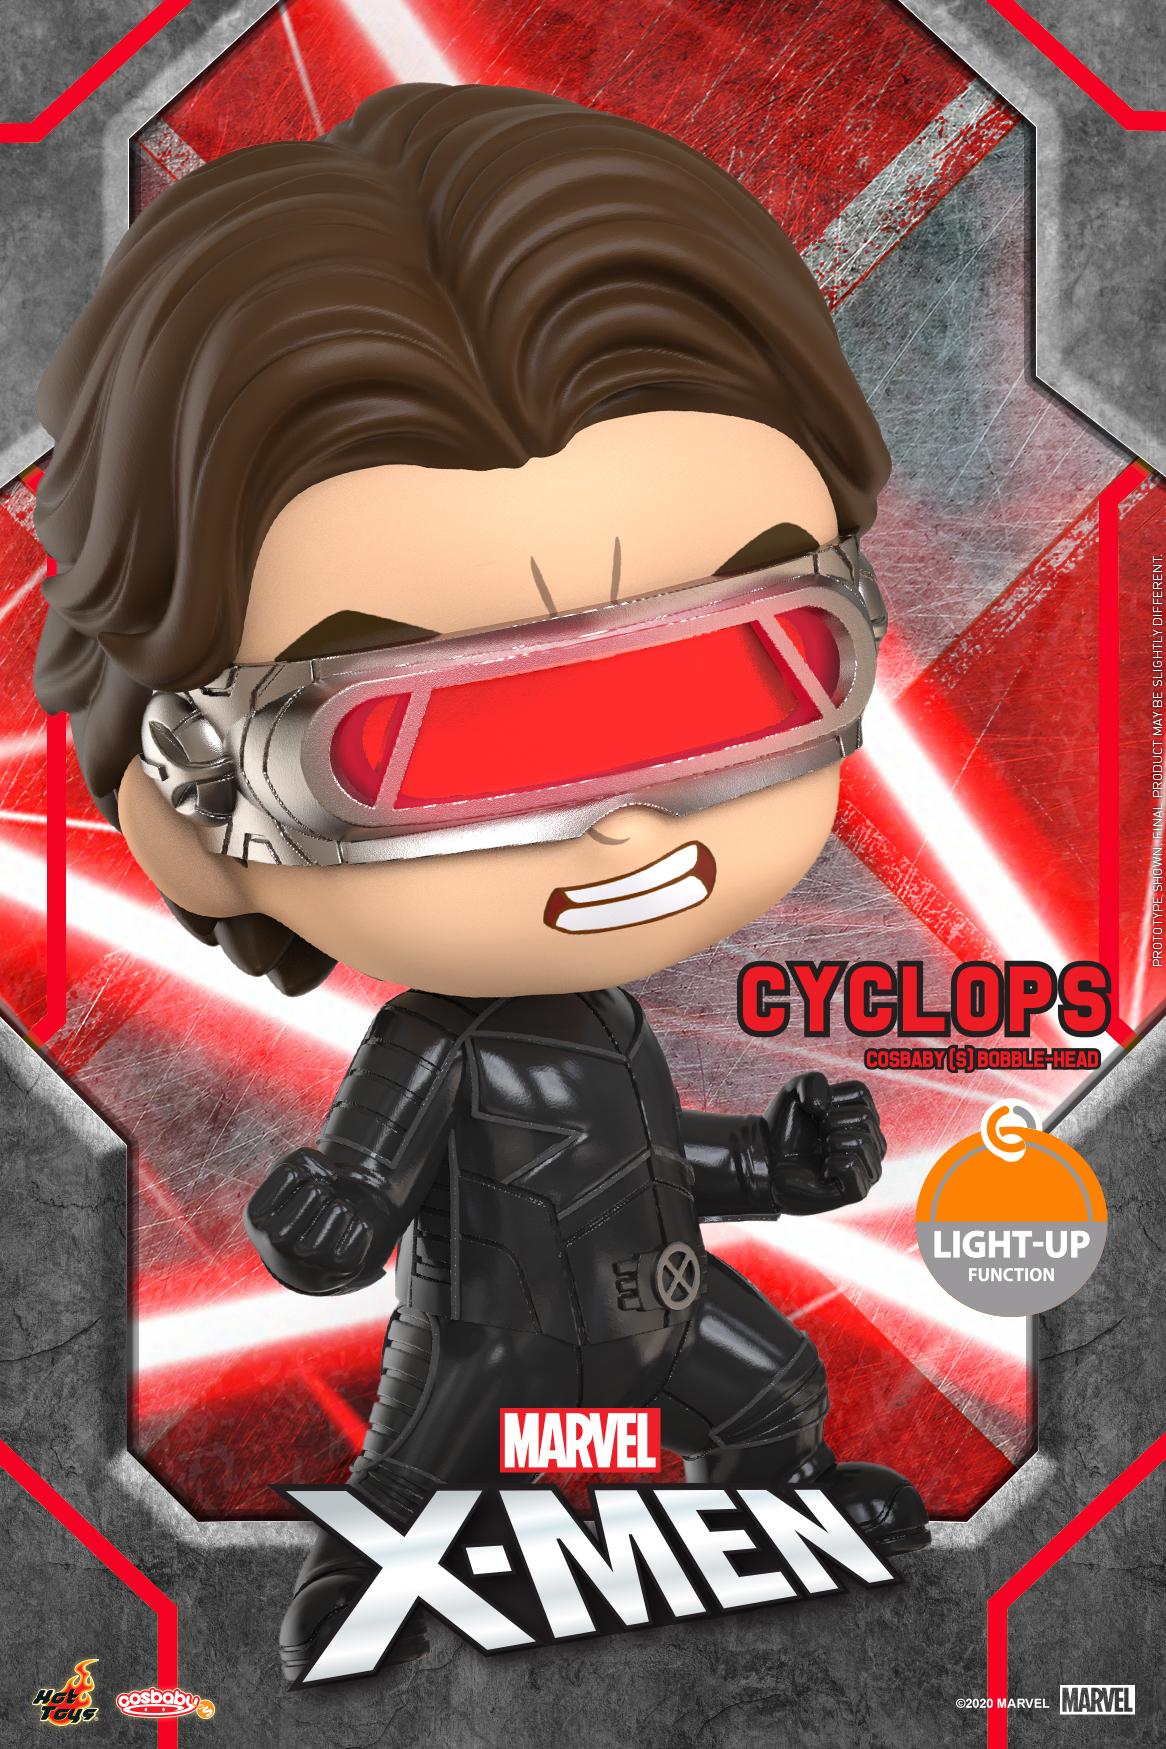 Hot Toys - X-Men 2 - Cyclops Cosbaby_PR2